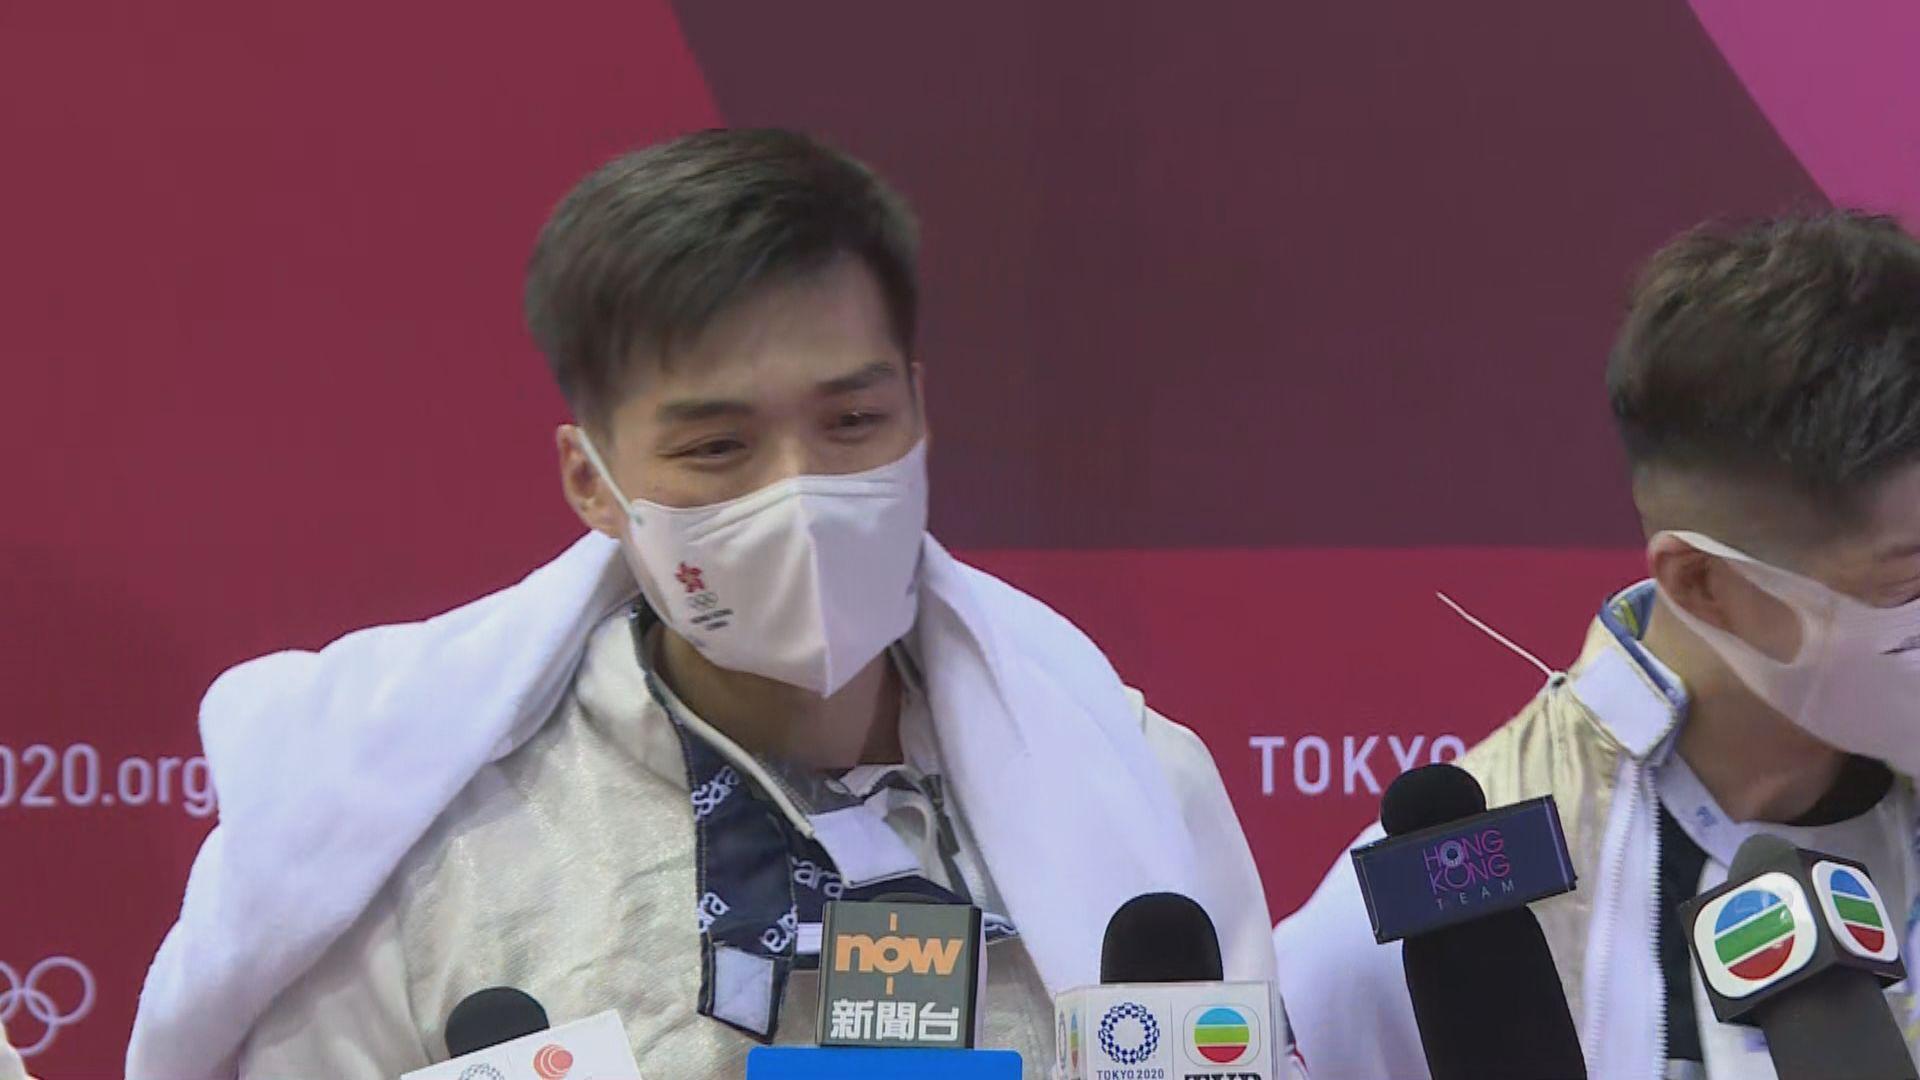 【運動員心聲】花劍代表張小倫:盼另外三位年輕隊友放眼世界預備下屆奧運